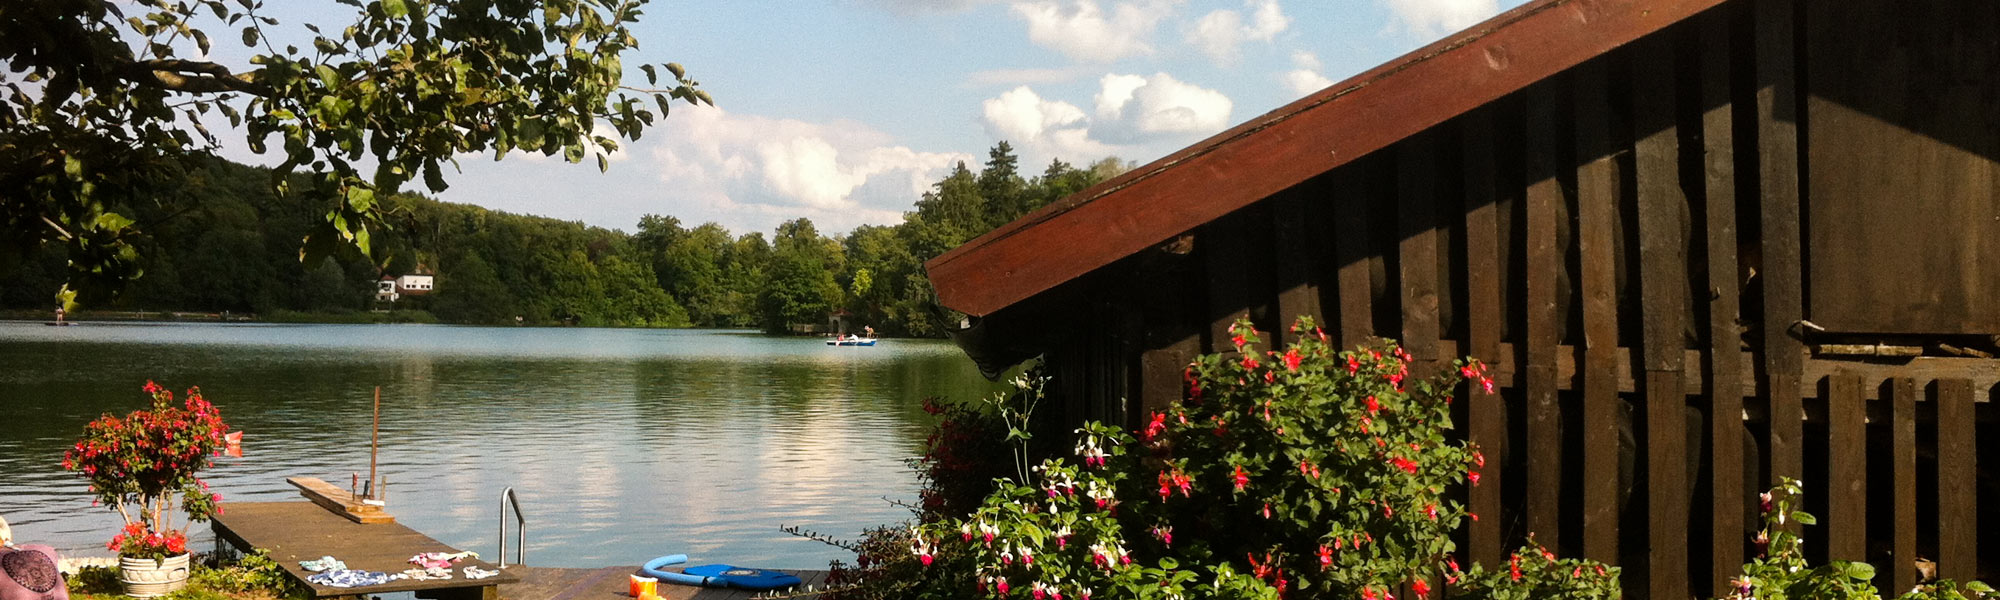 Vermittelte Immobilie in Wessling, Landkreis Starnberg